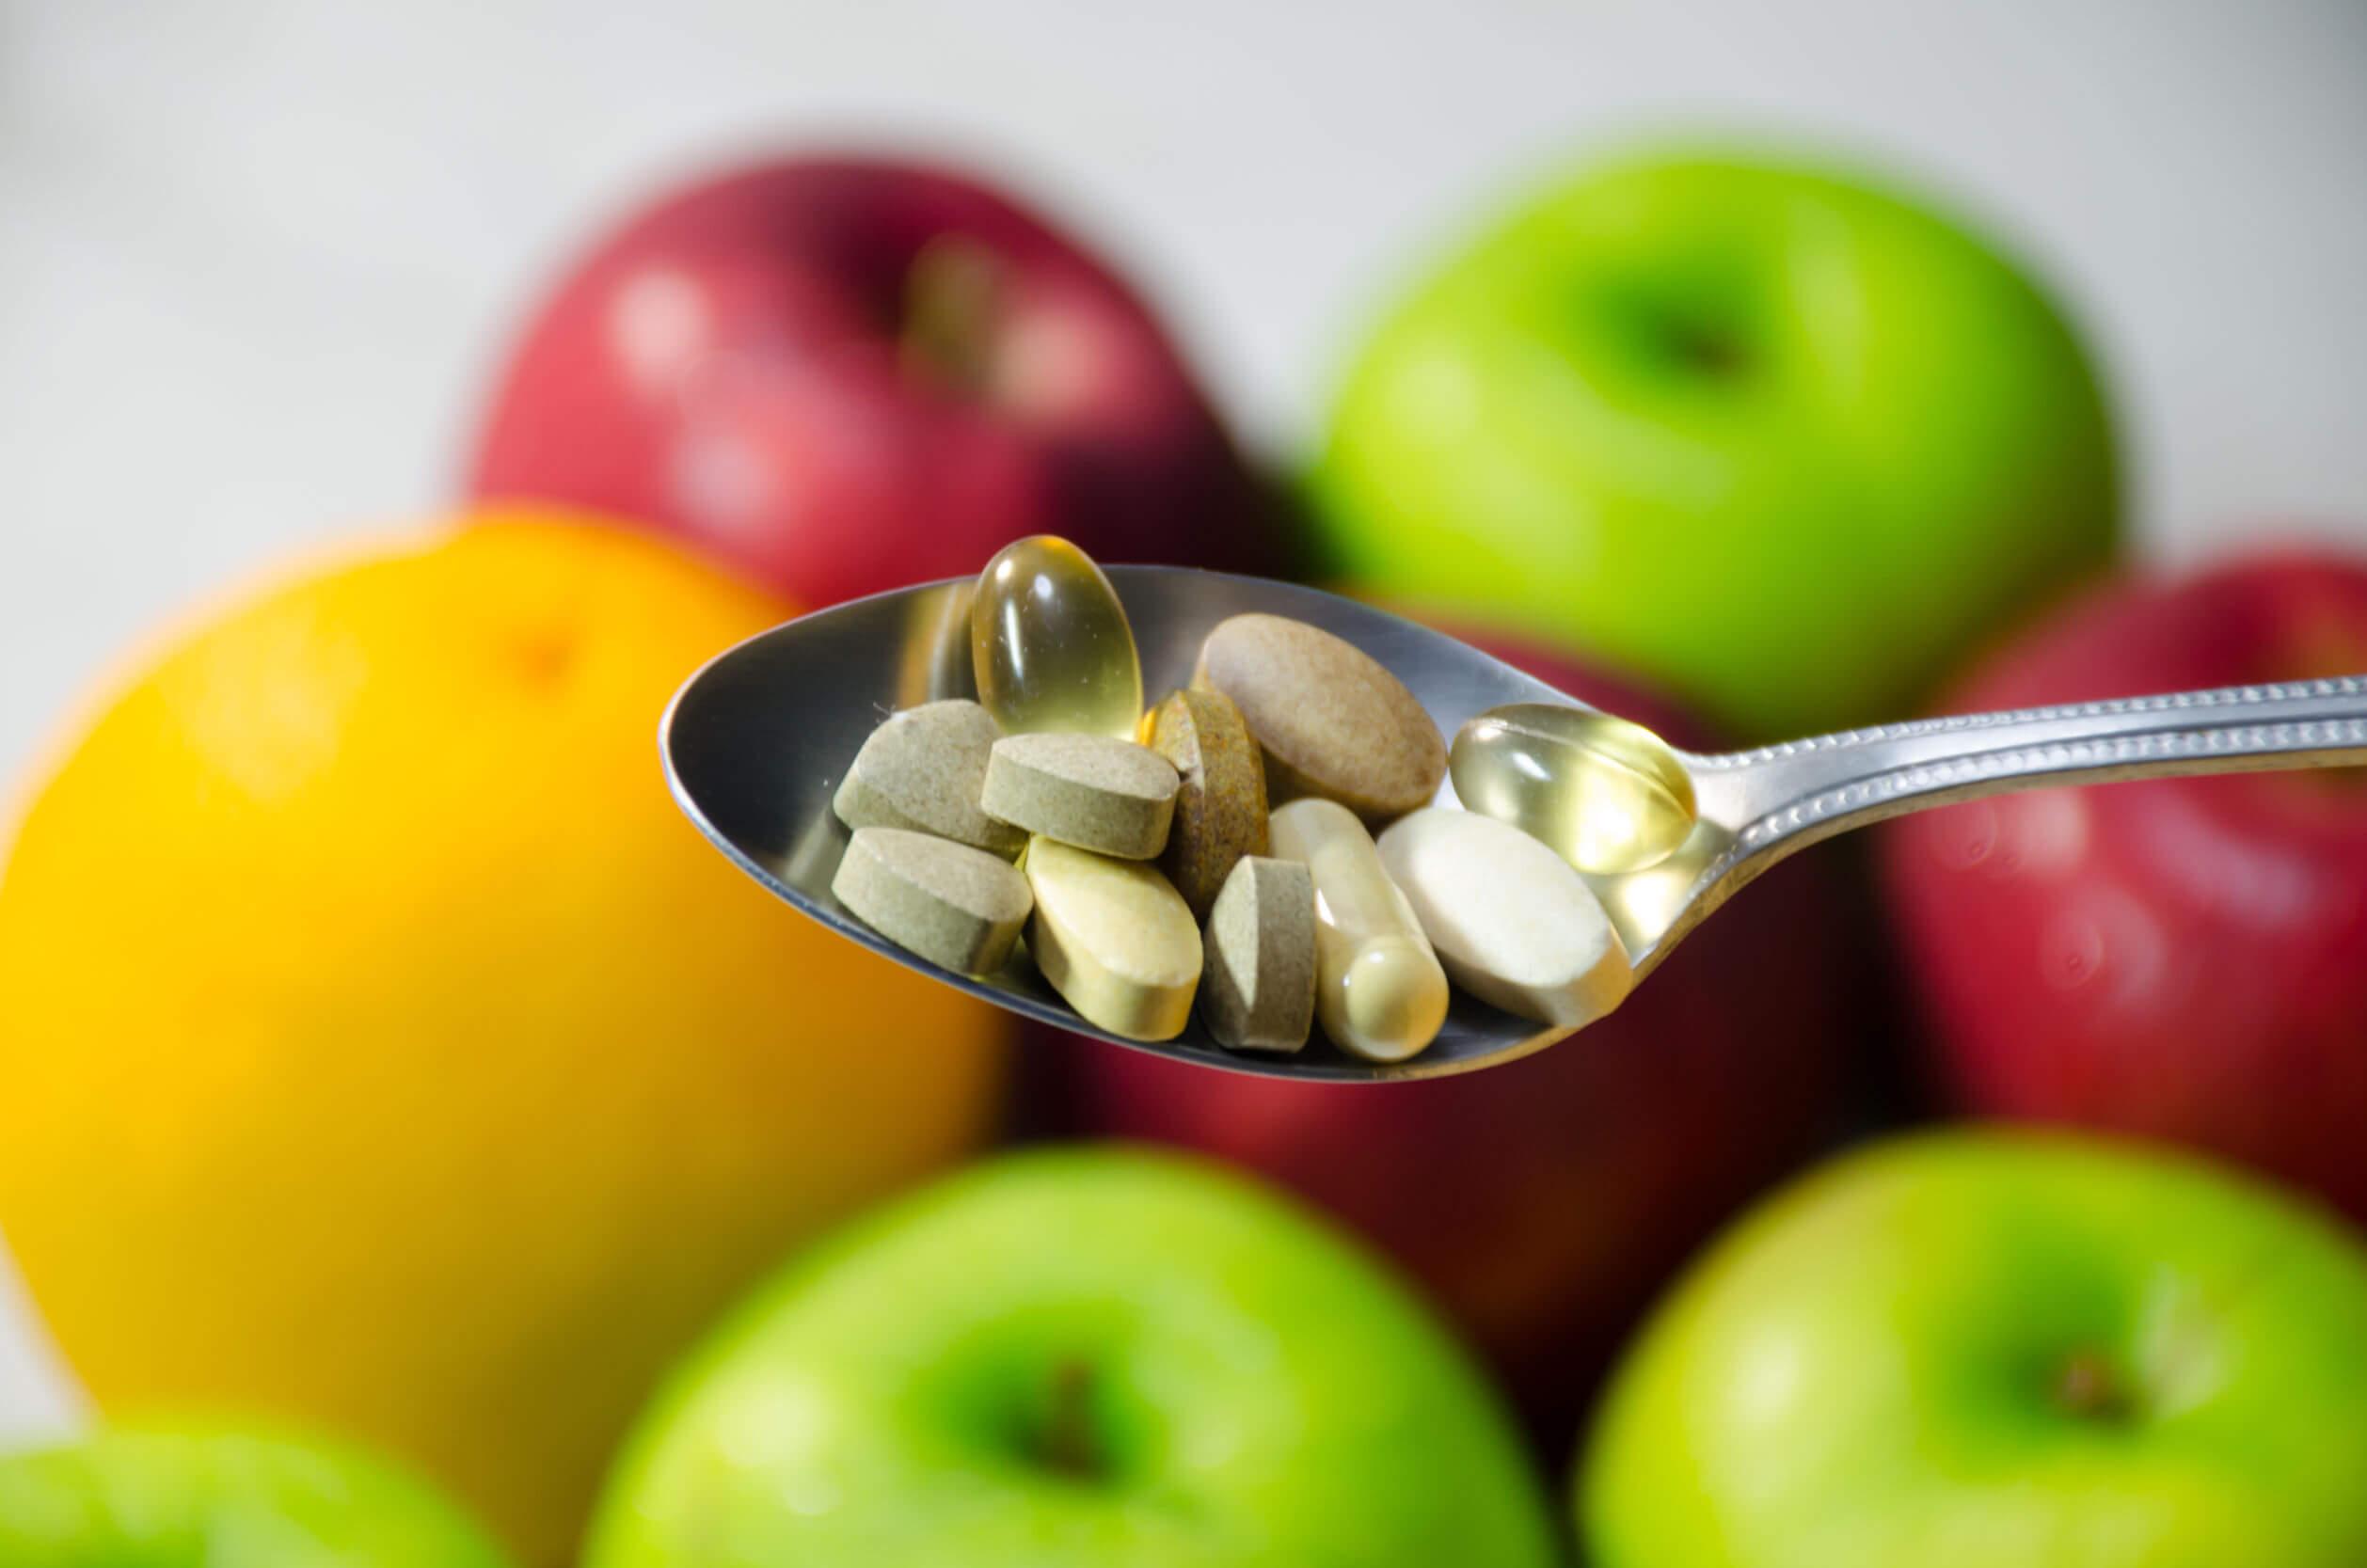 Los remedios naturales para la menopausia incluyen algunos suplementos